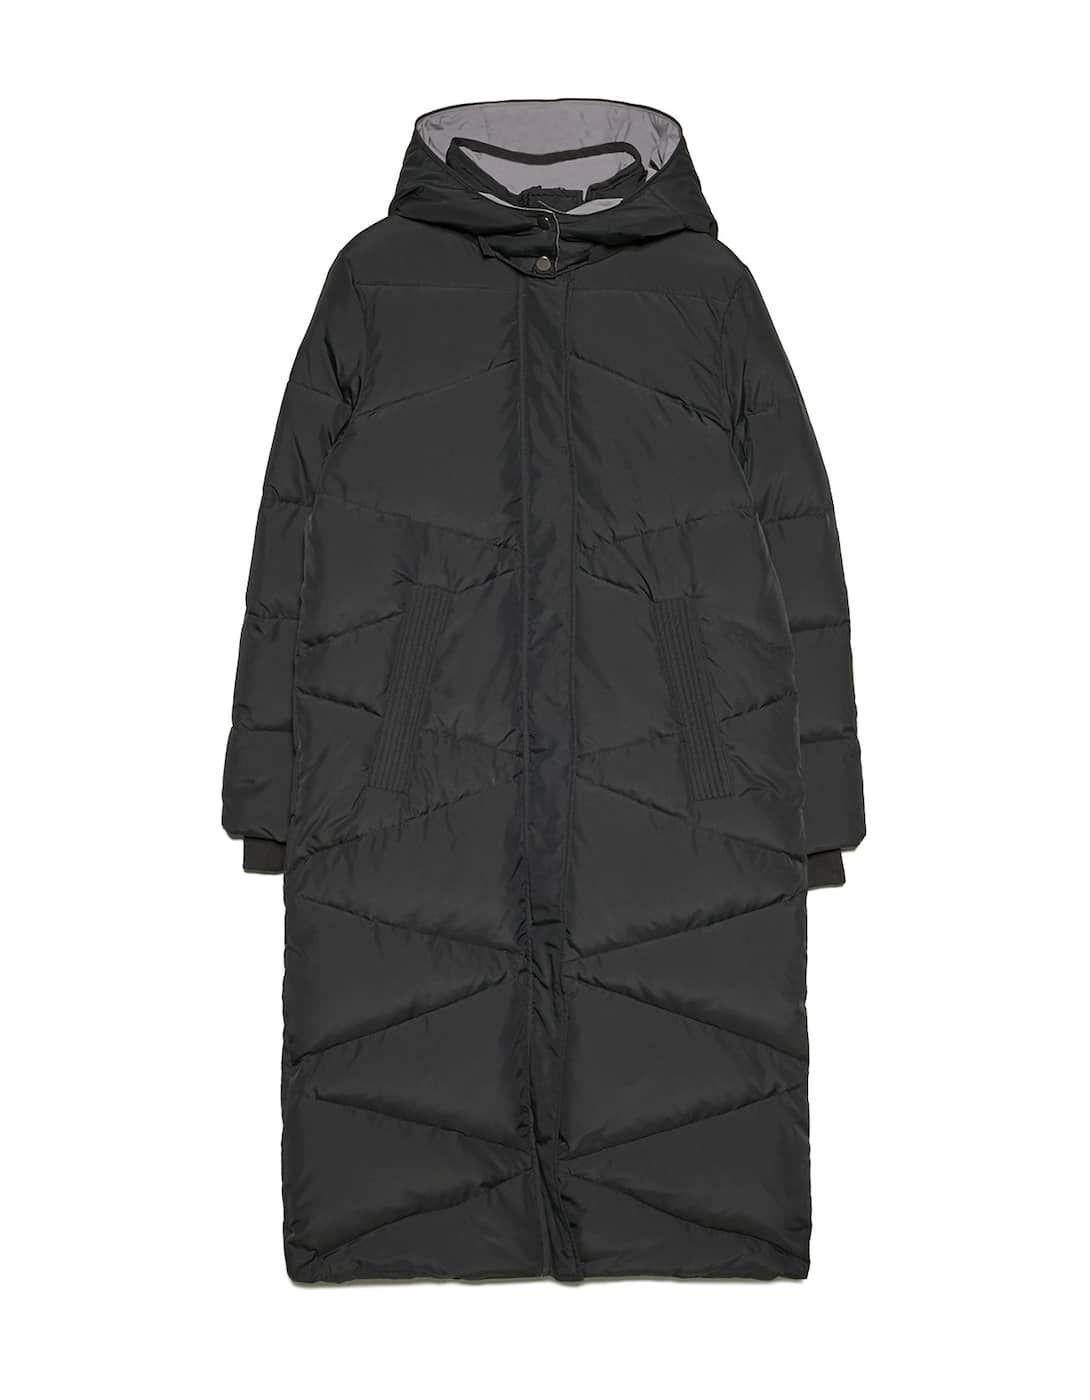 f70a831e5ec22 Długi puchowy płaszcz z kontrastową podszewką - Płaszcze ...